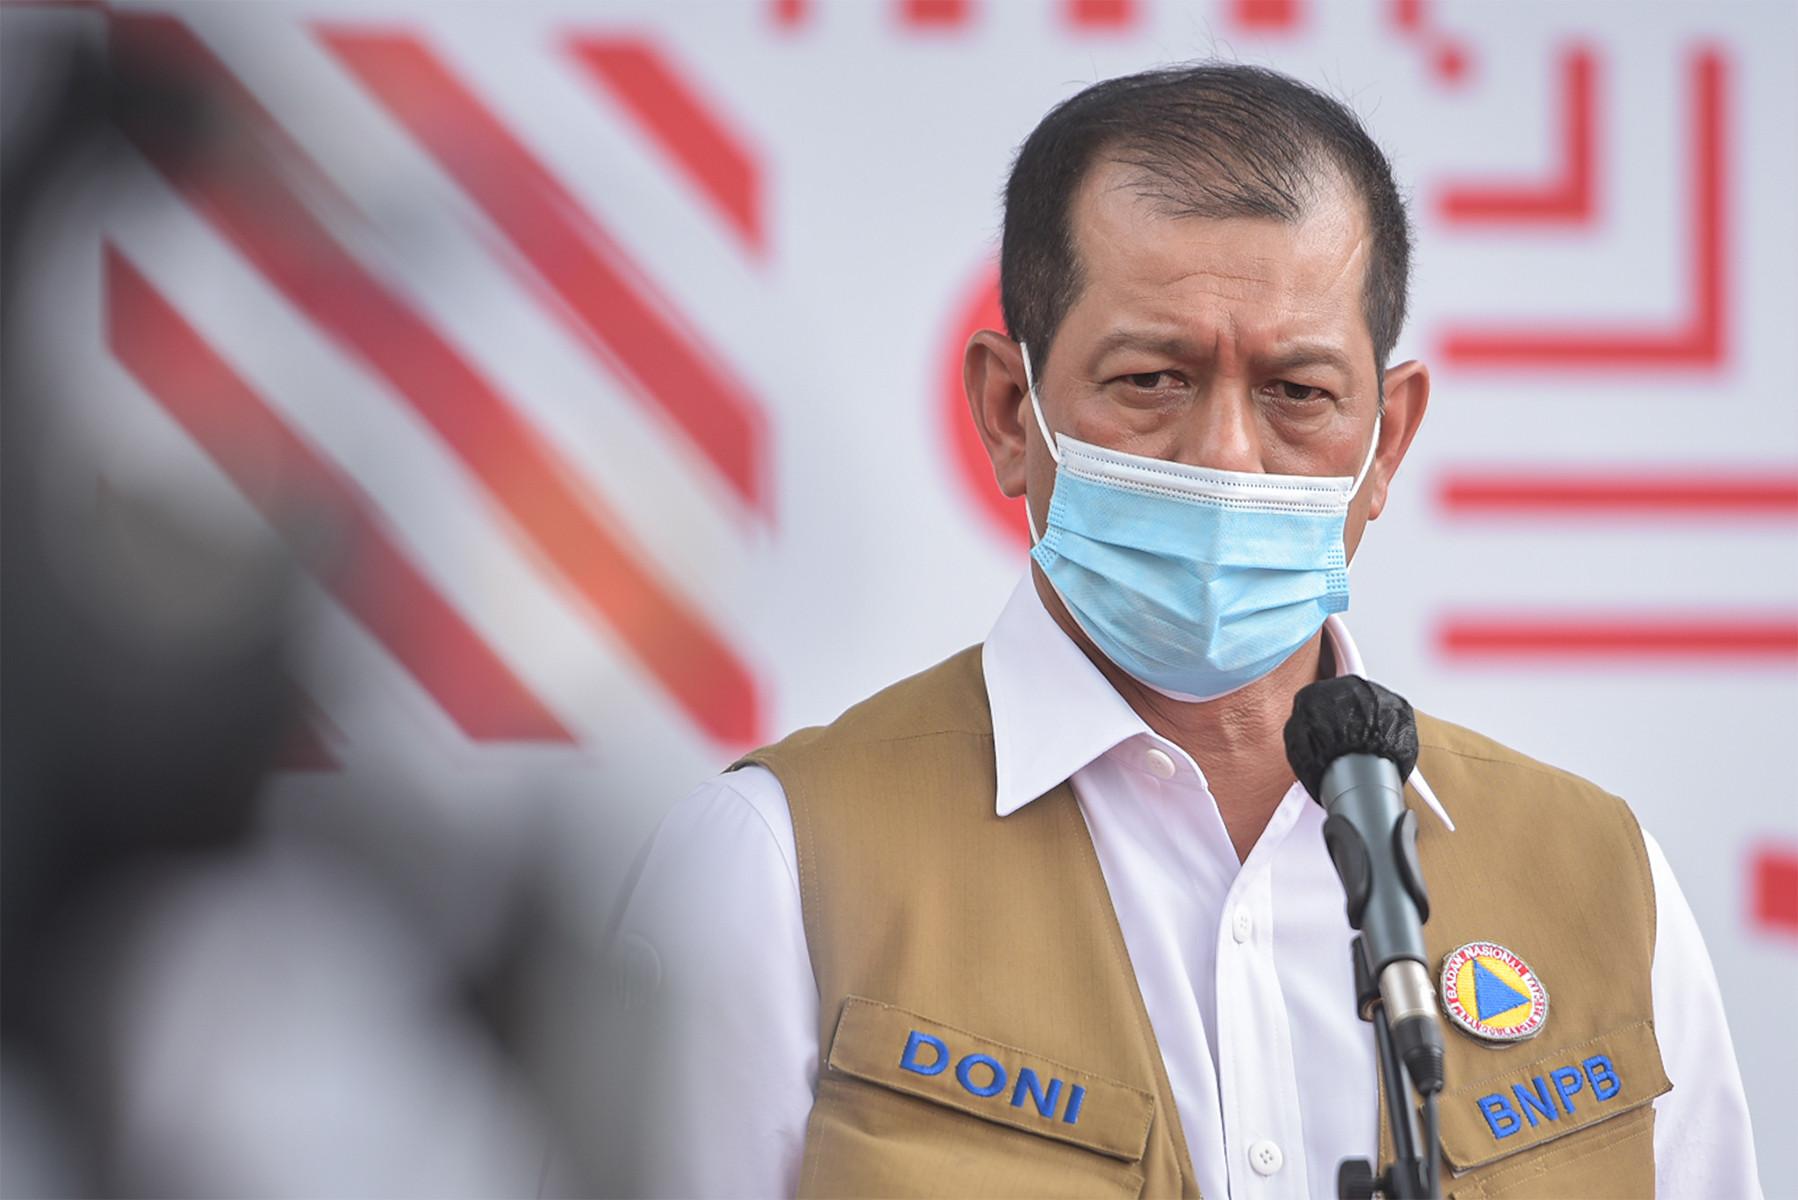 Pemerintah Minta Masyarakat Manfaatkan Libur Panjang untuk Bersihkan Lingkungan - JPNN.com